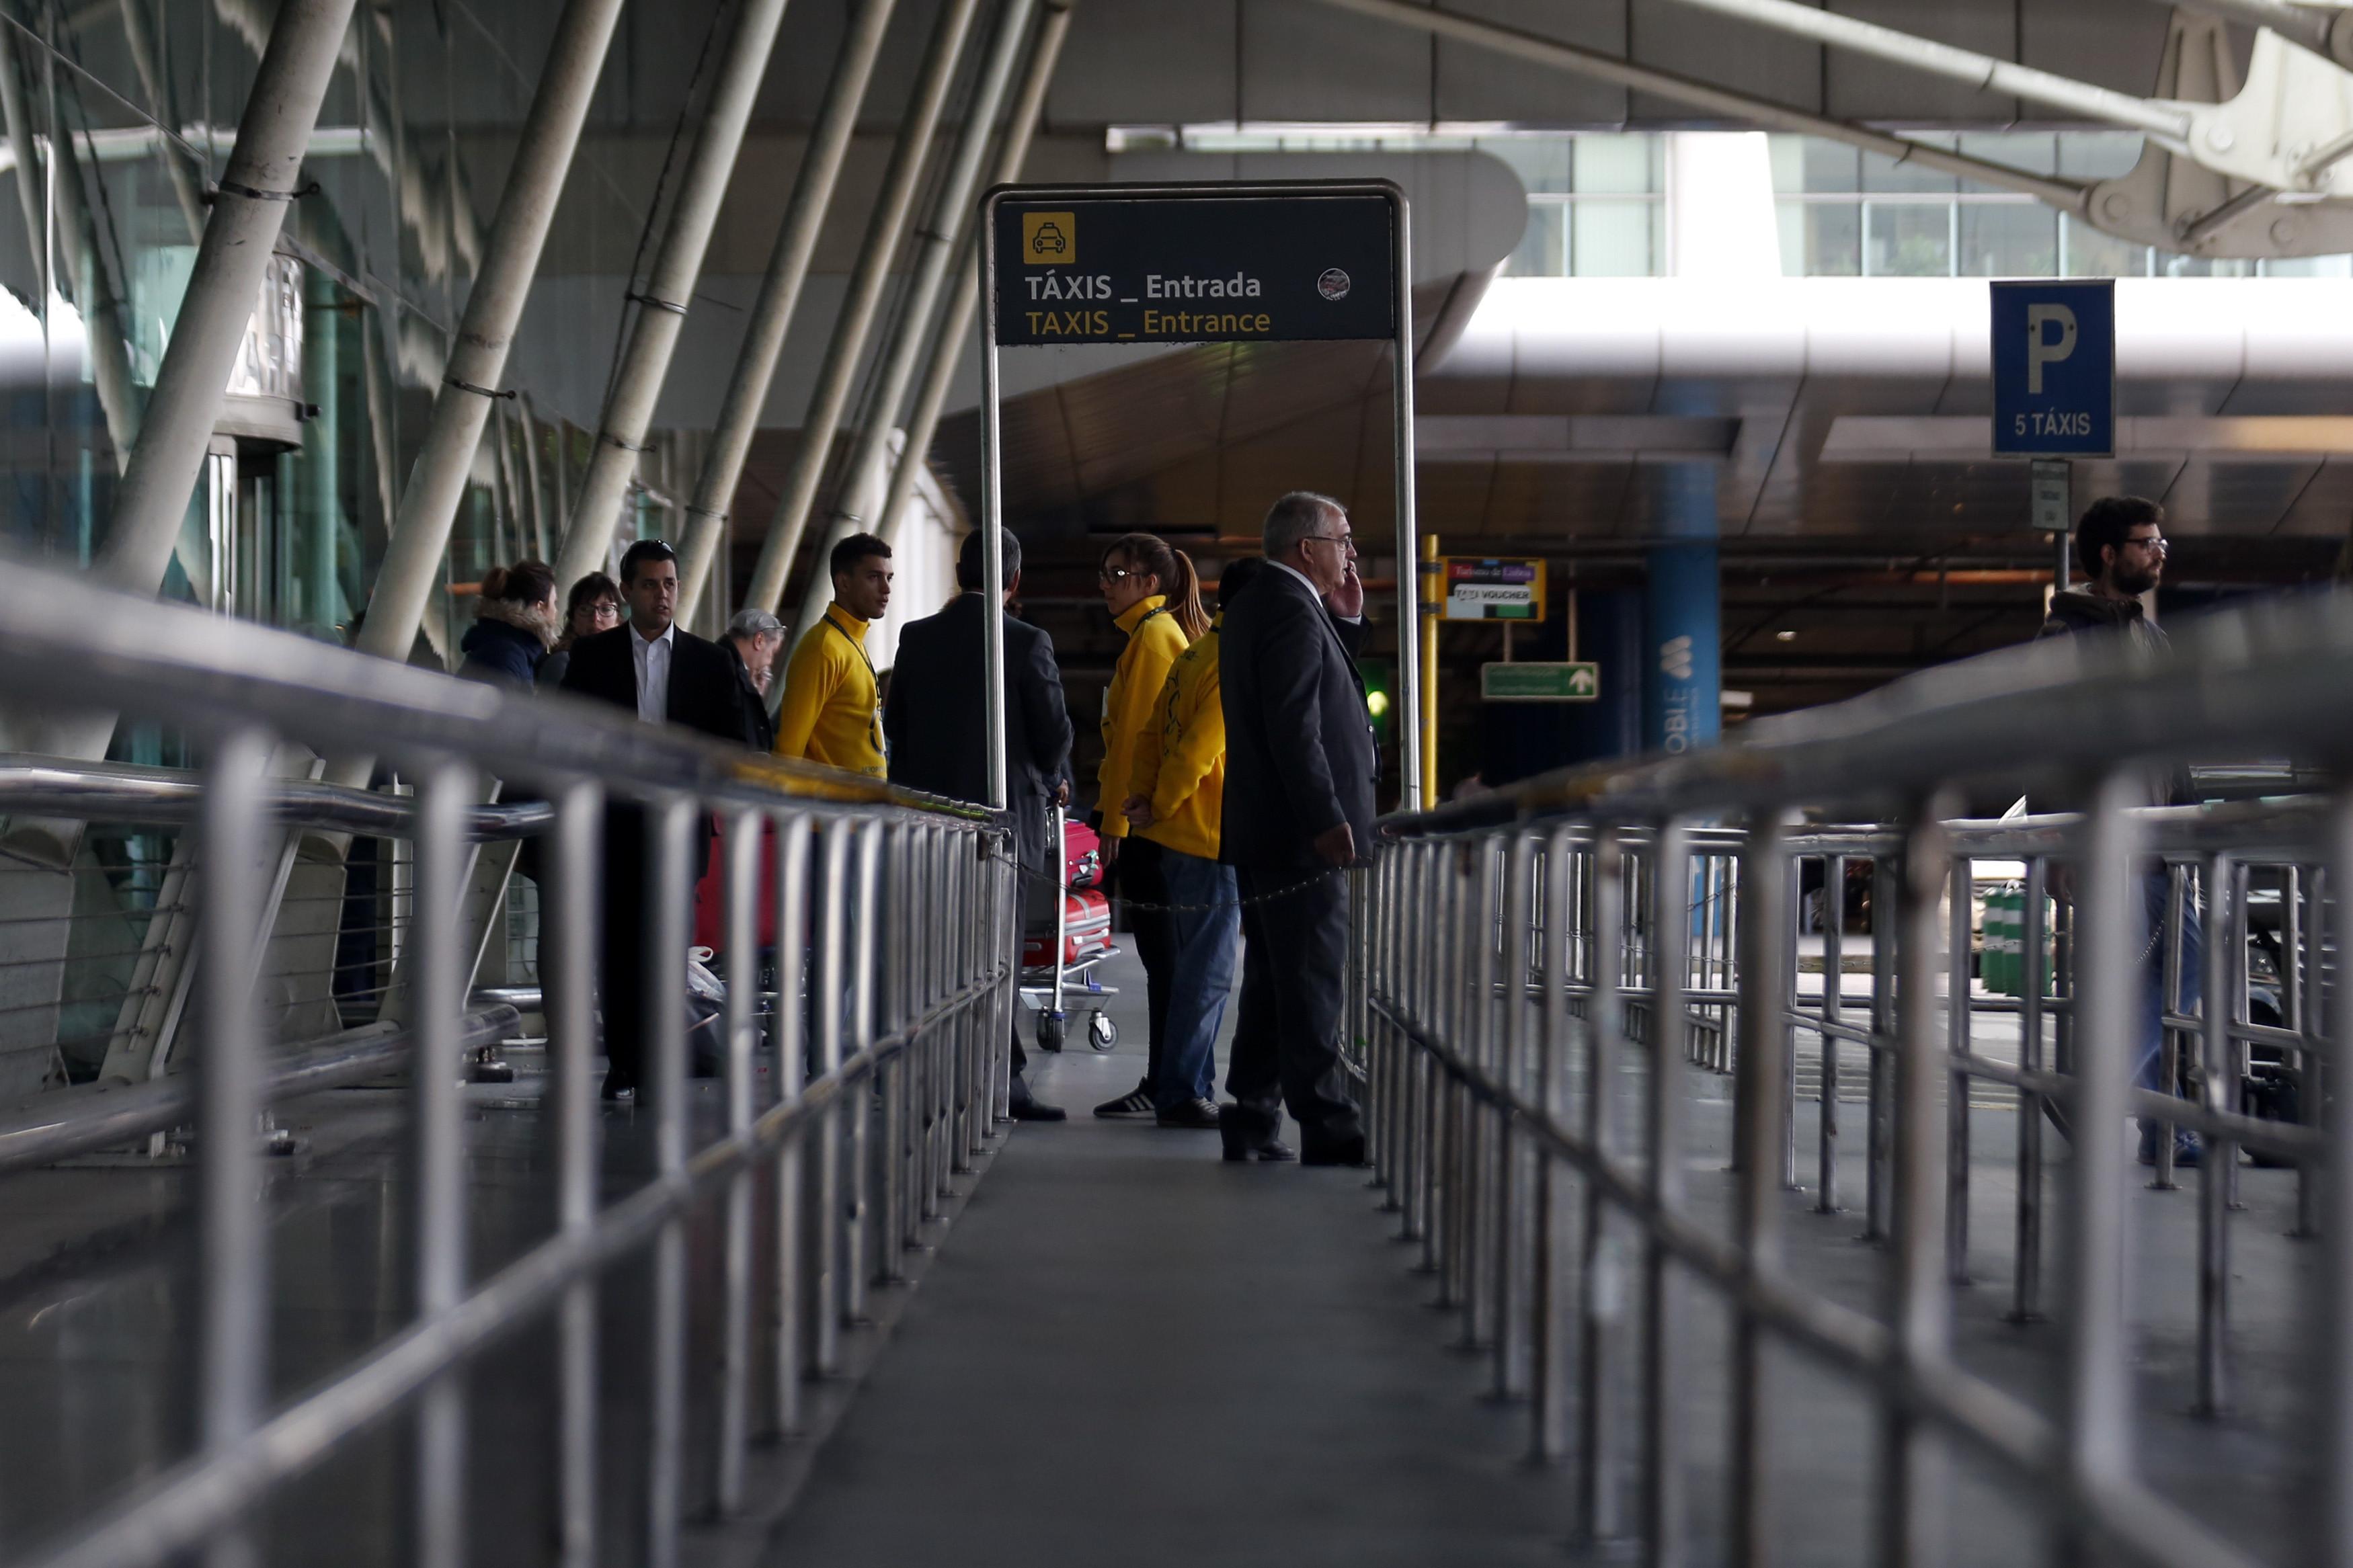 CDS de Lisboa propõe tarifa pré-definida para táxis do aeroporto